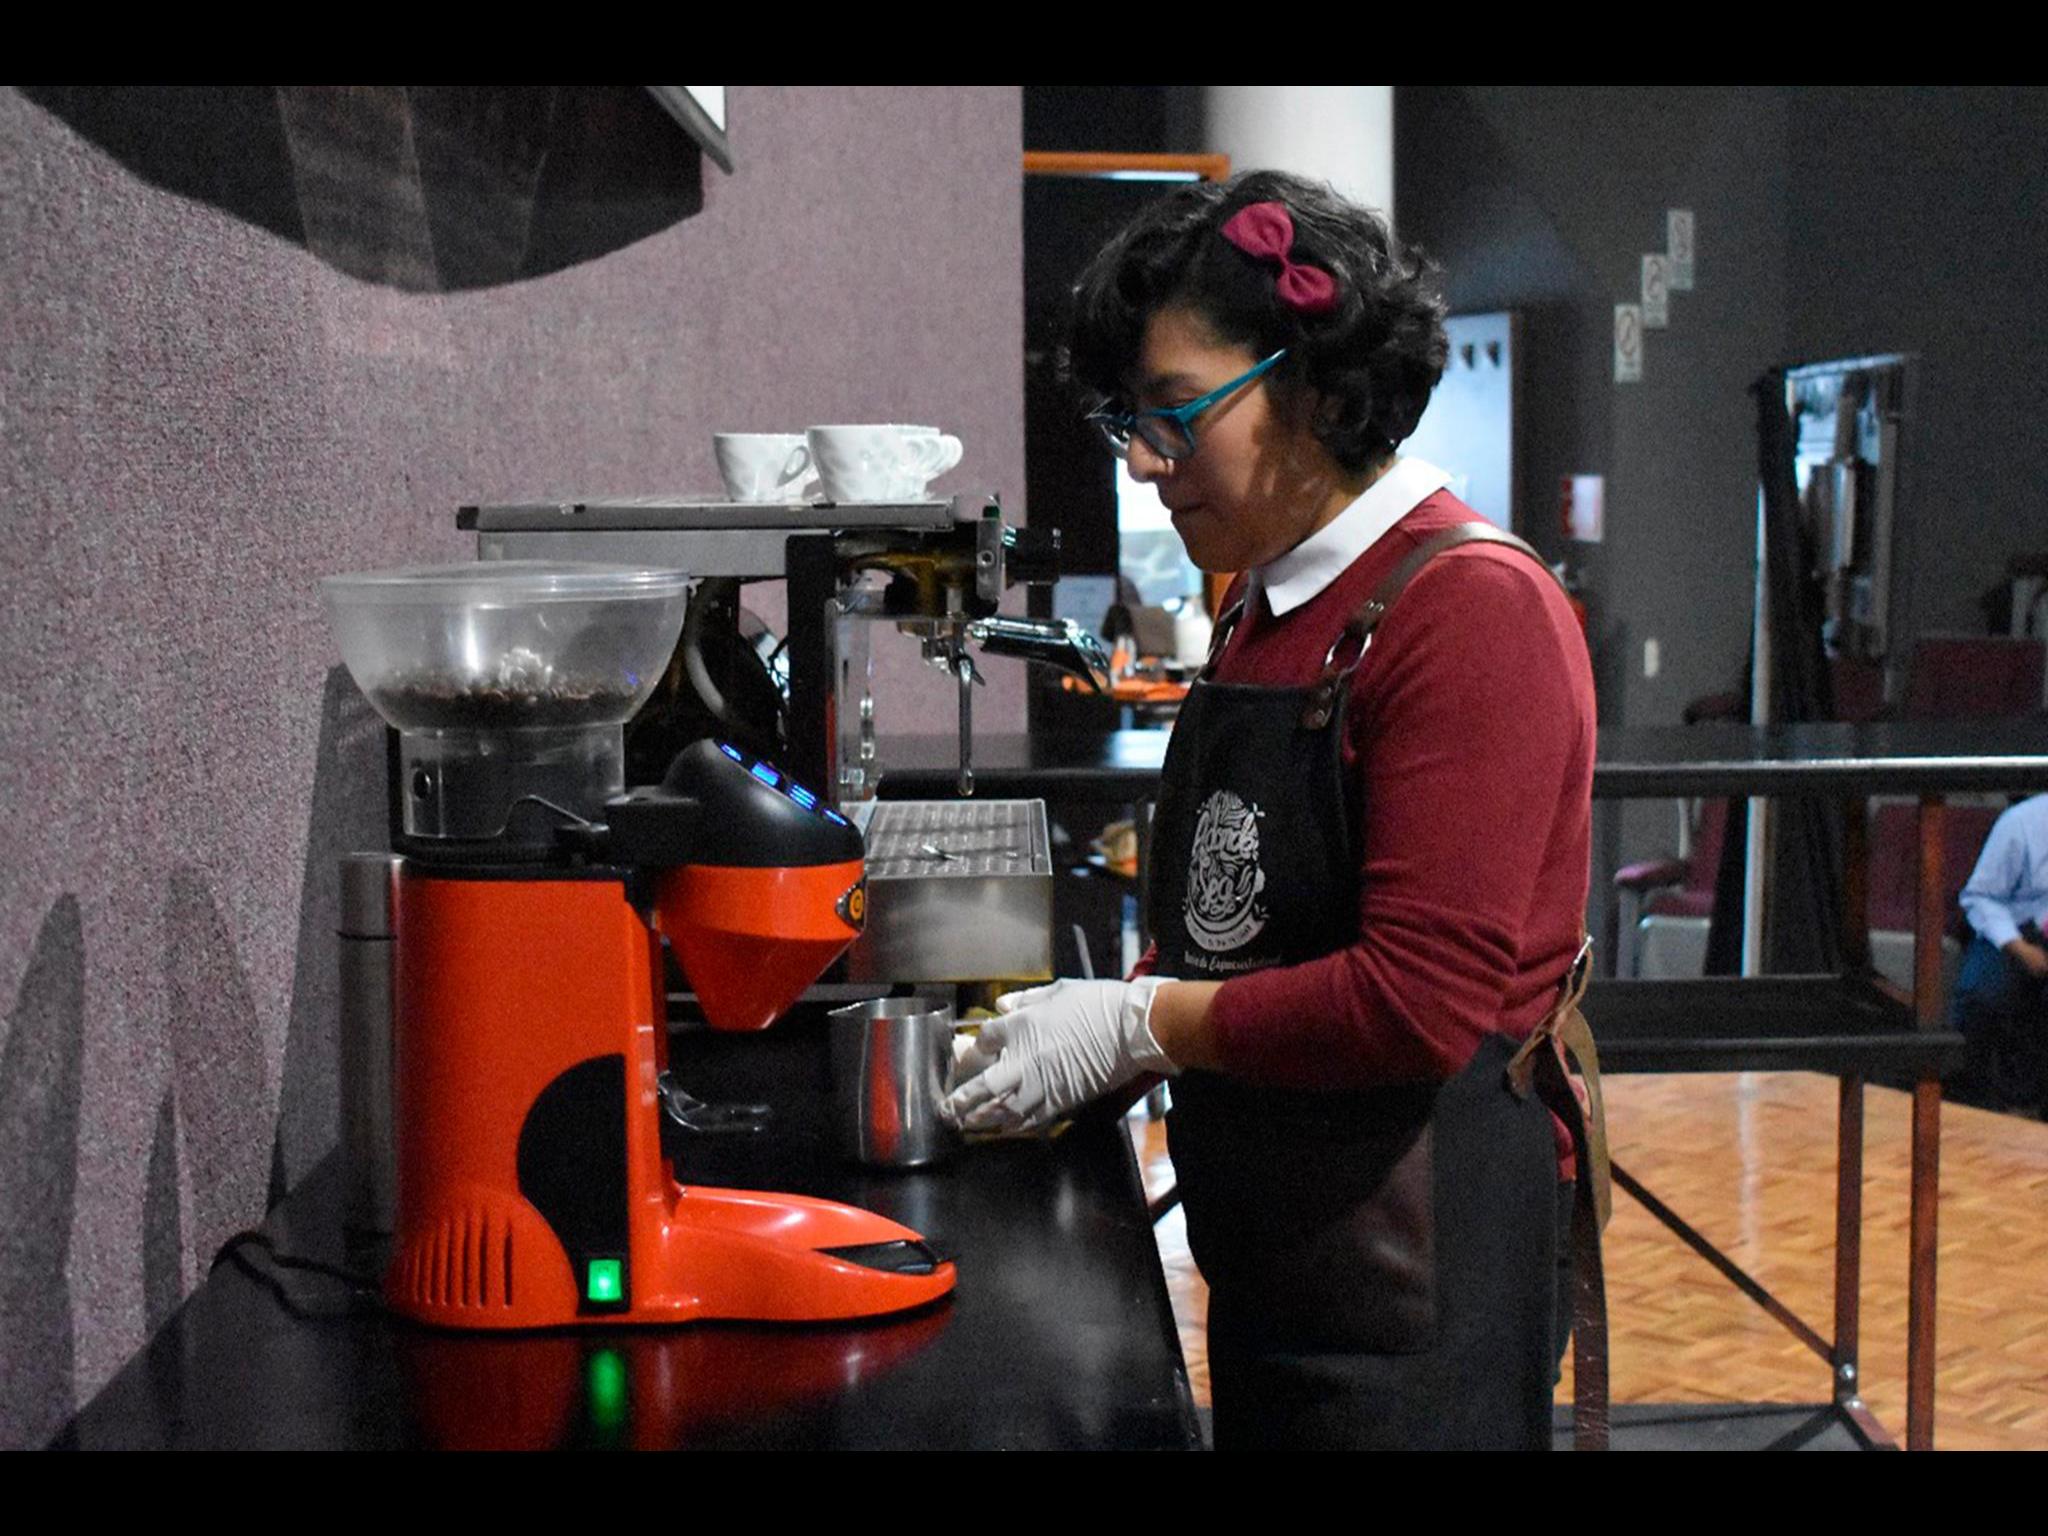 Plasman espíritu universitario con café y creatividad